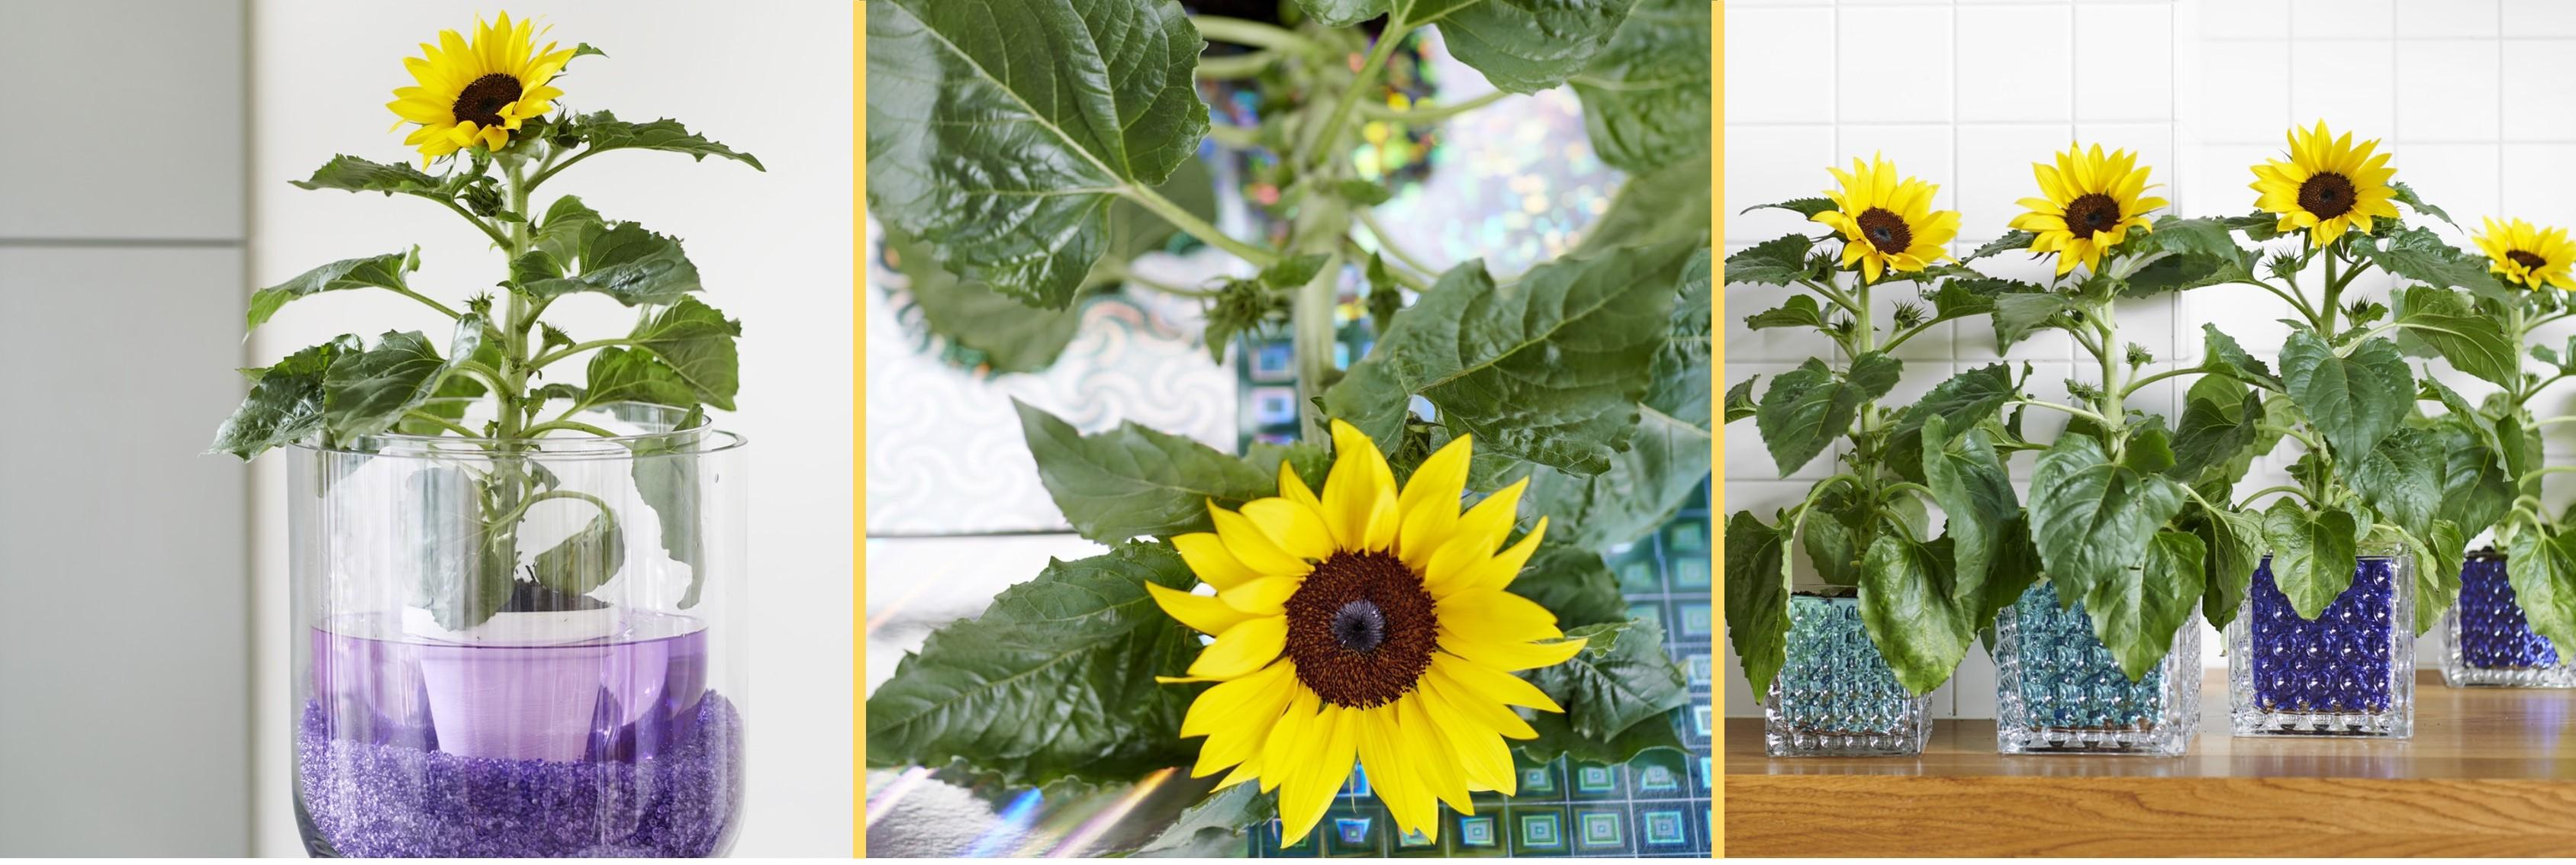 Sonnenblume Zimmerpflanze des Monats Juni 2019